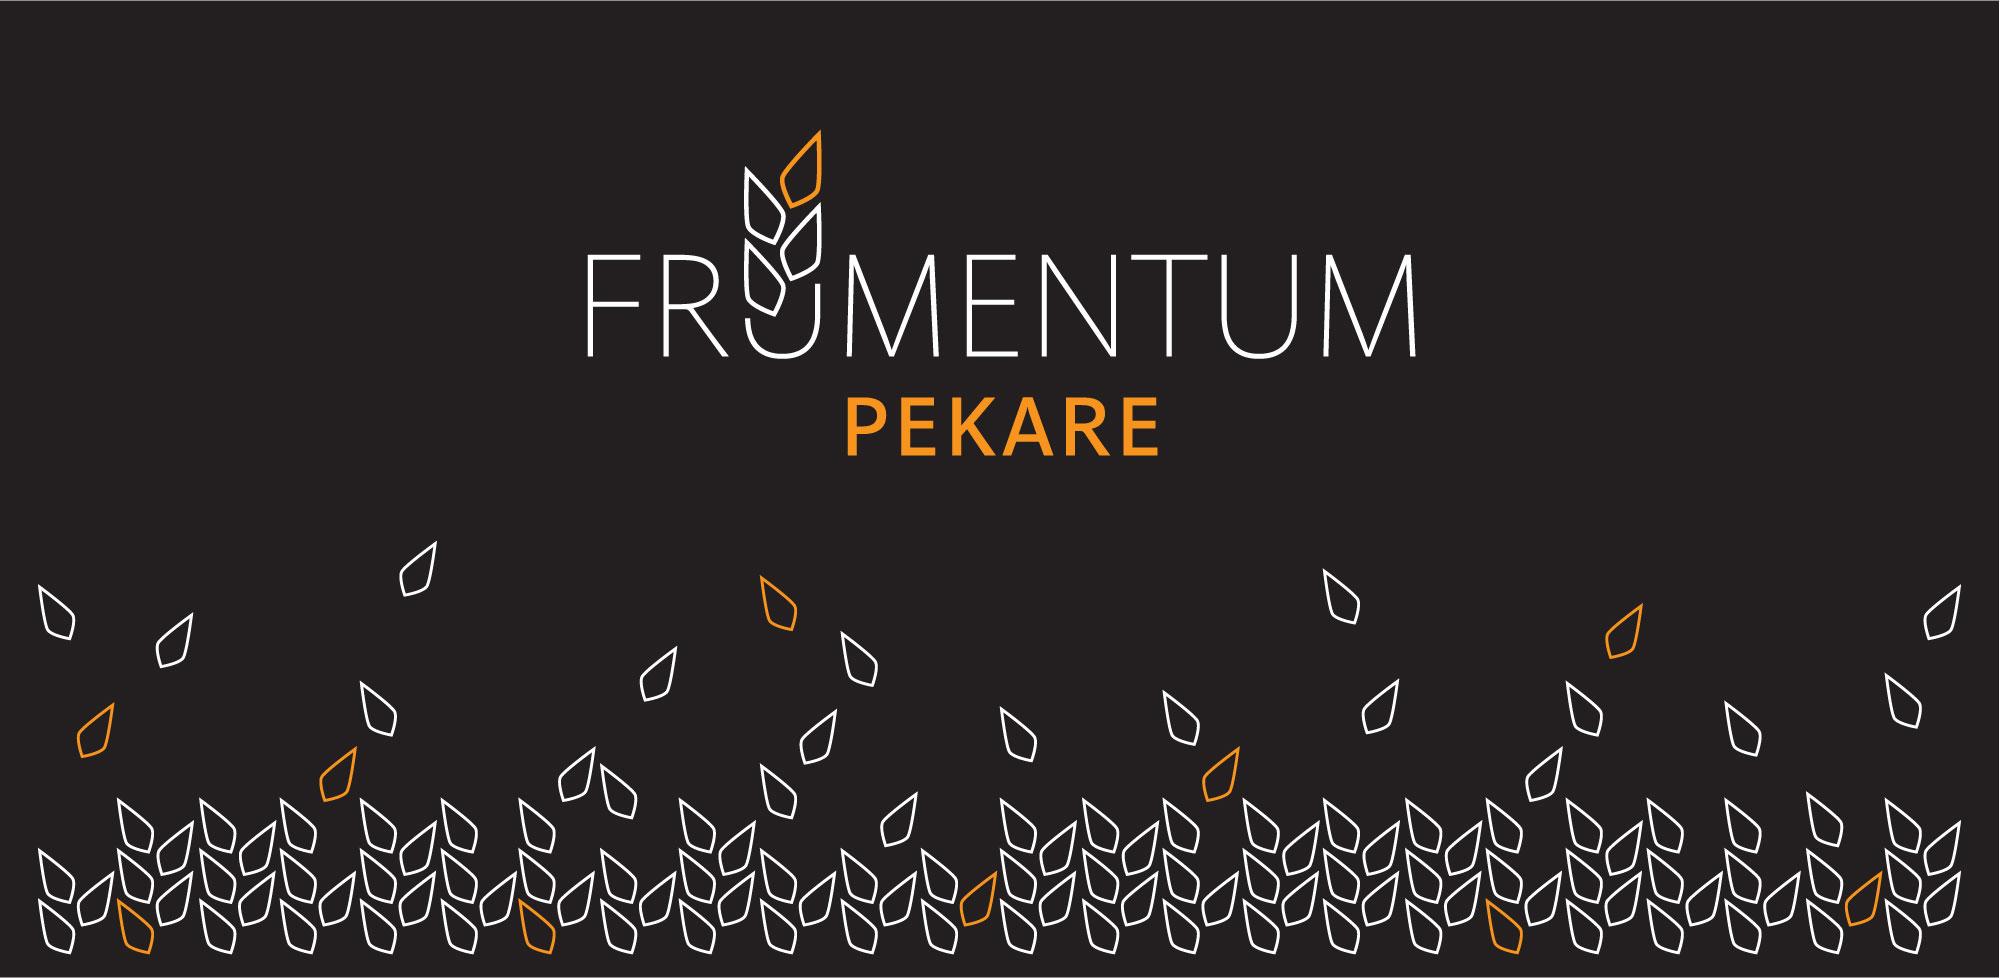 masavukmanovic.com - frumentum pekare - brendiranje 01